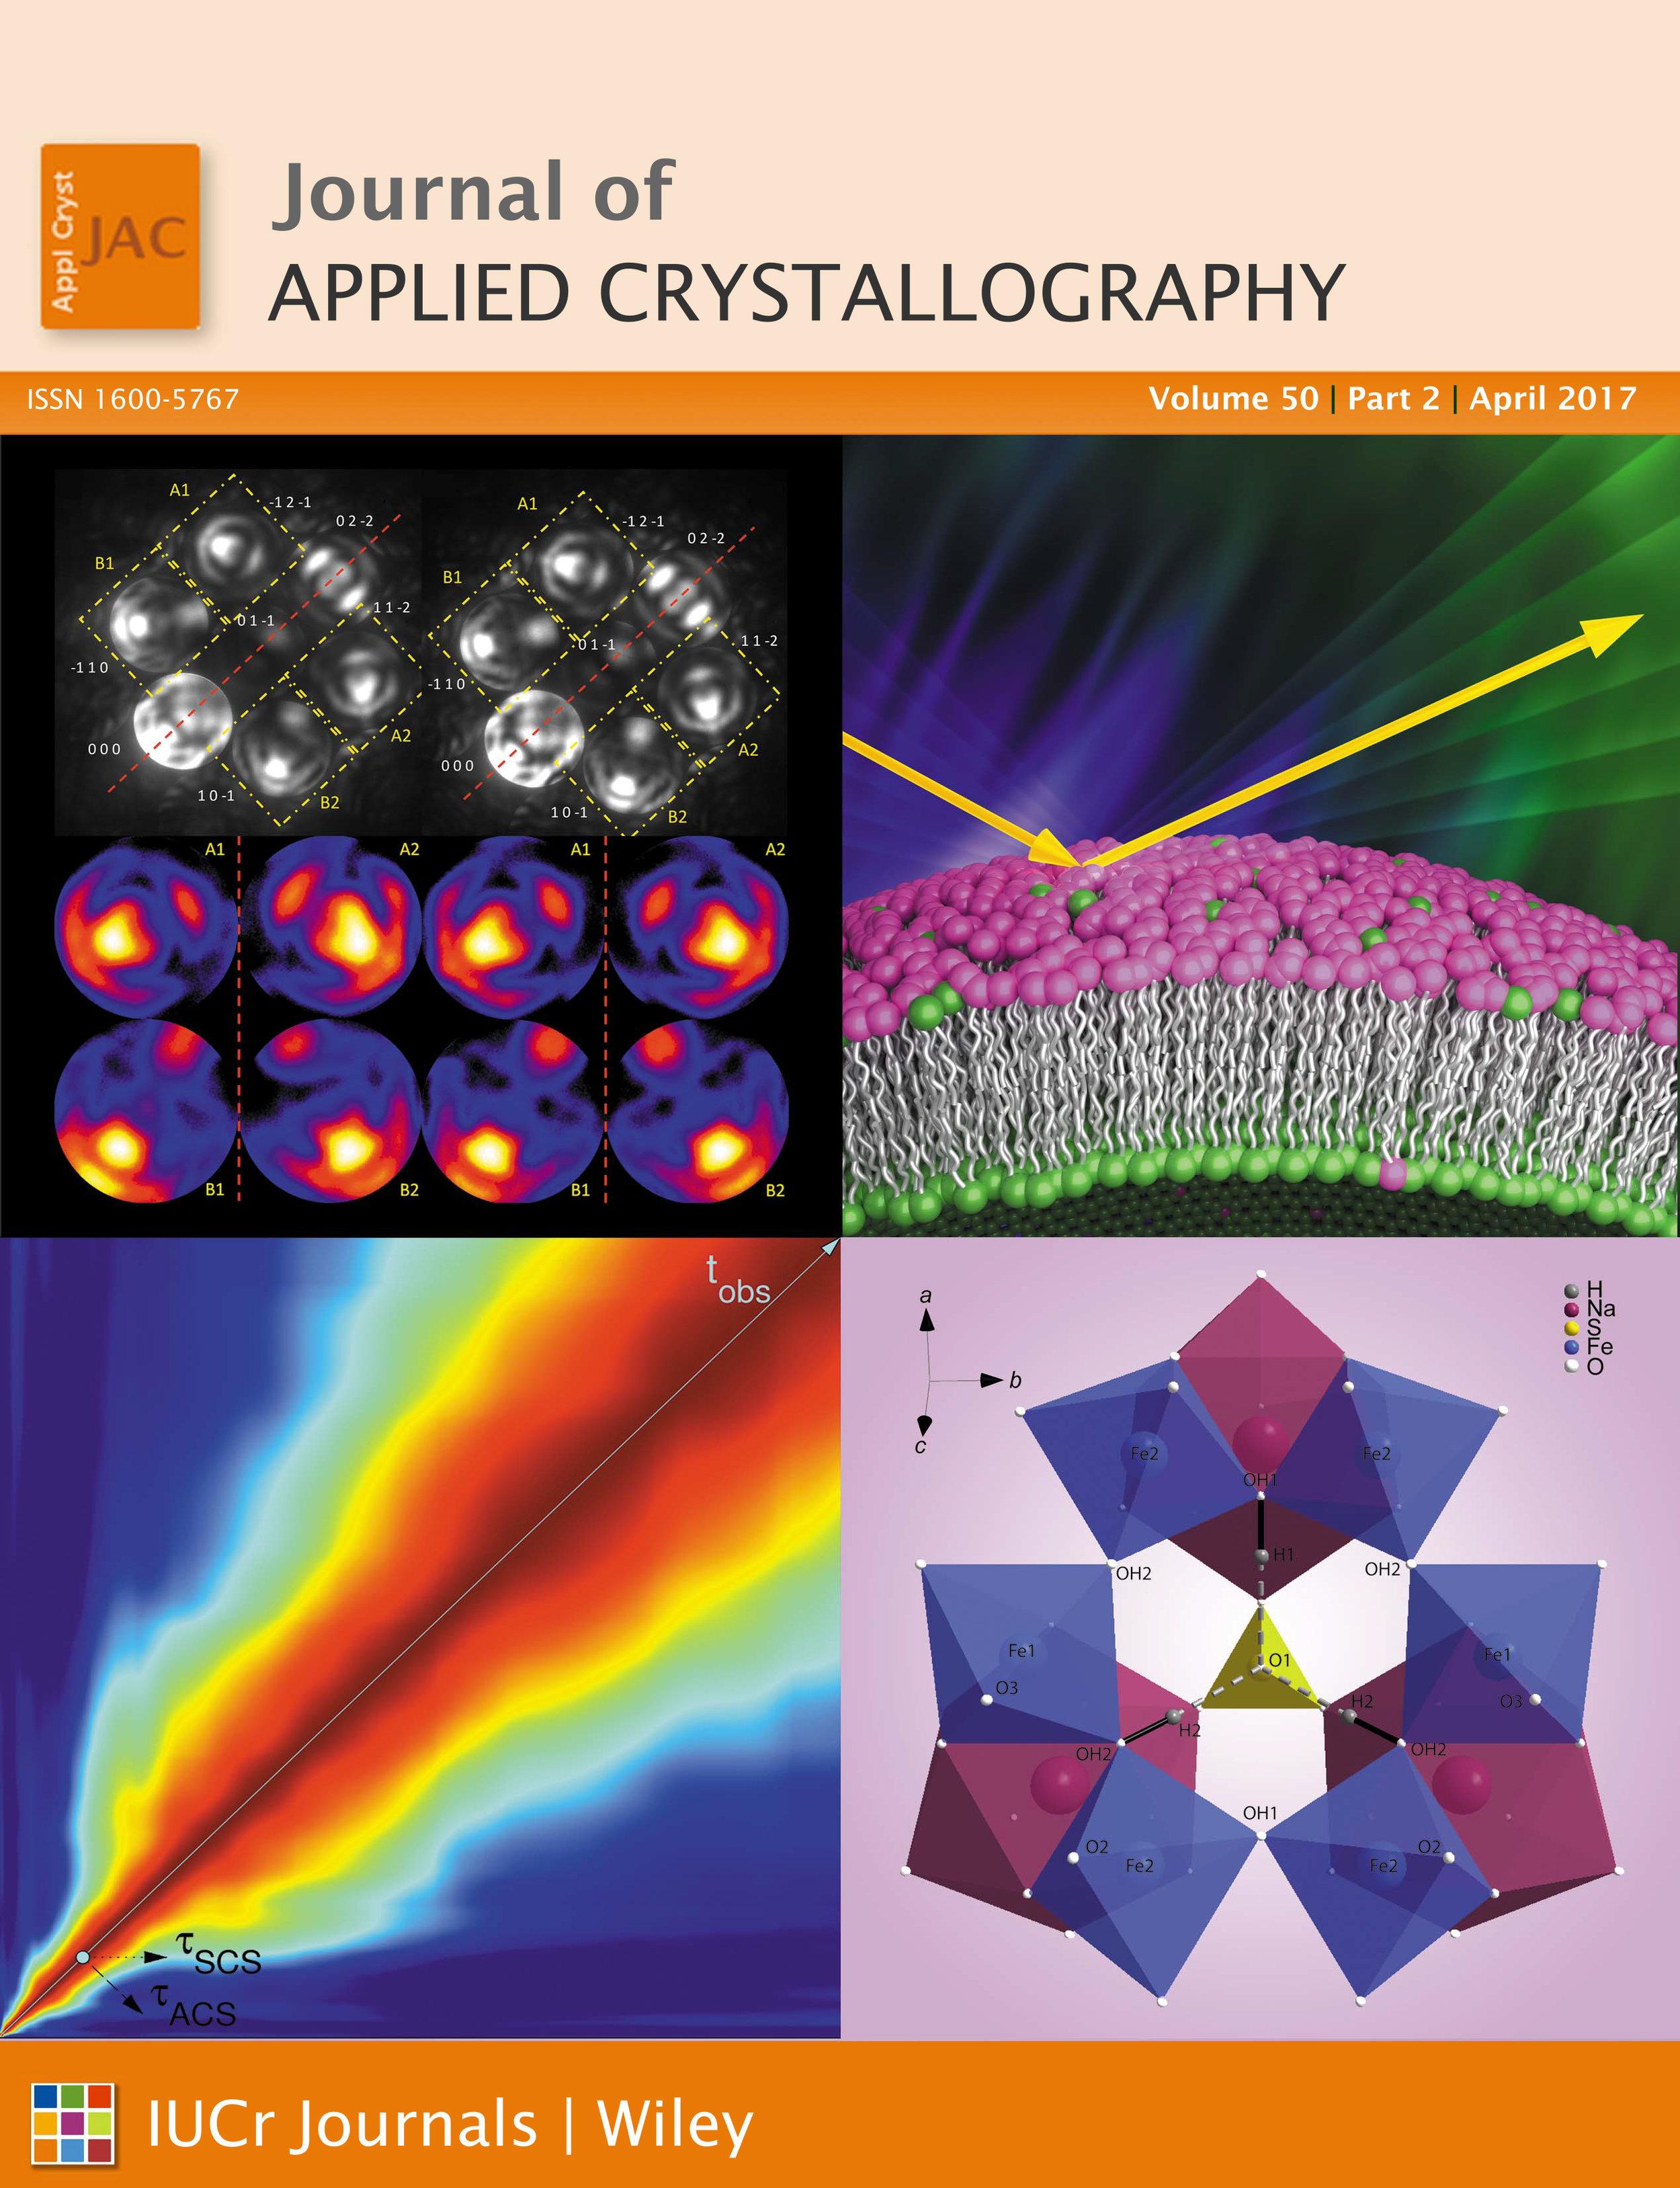 Eicher et al. 2017 J. Appl. Crystallogr. 50:419